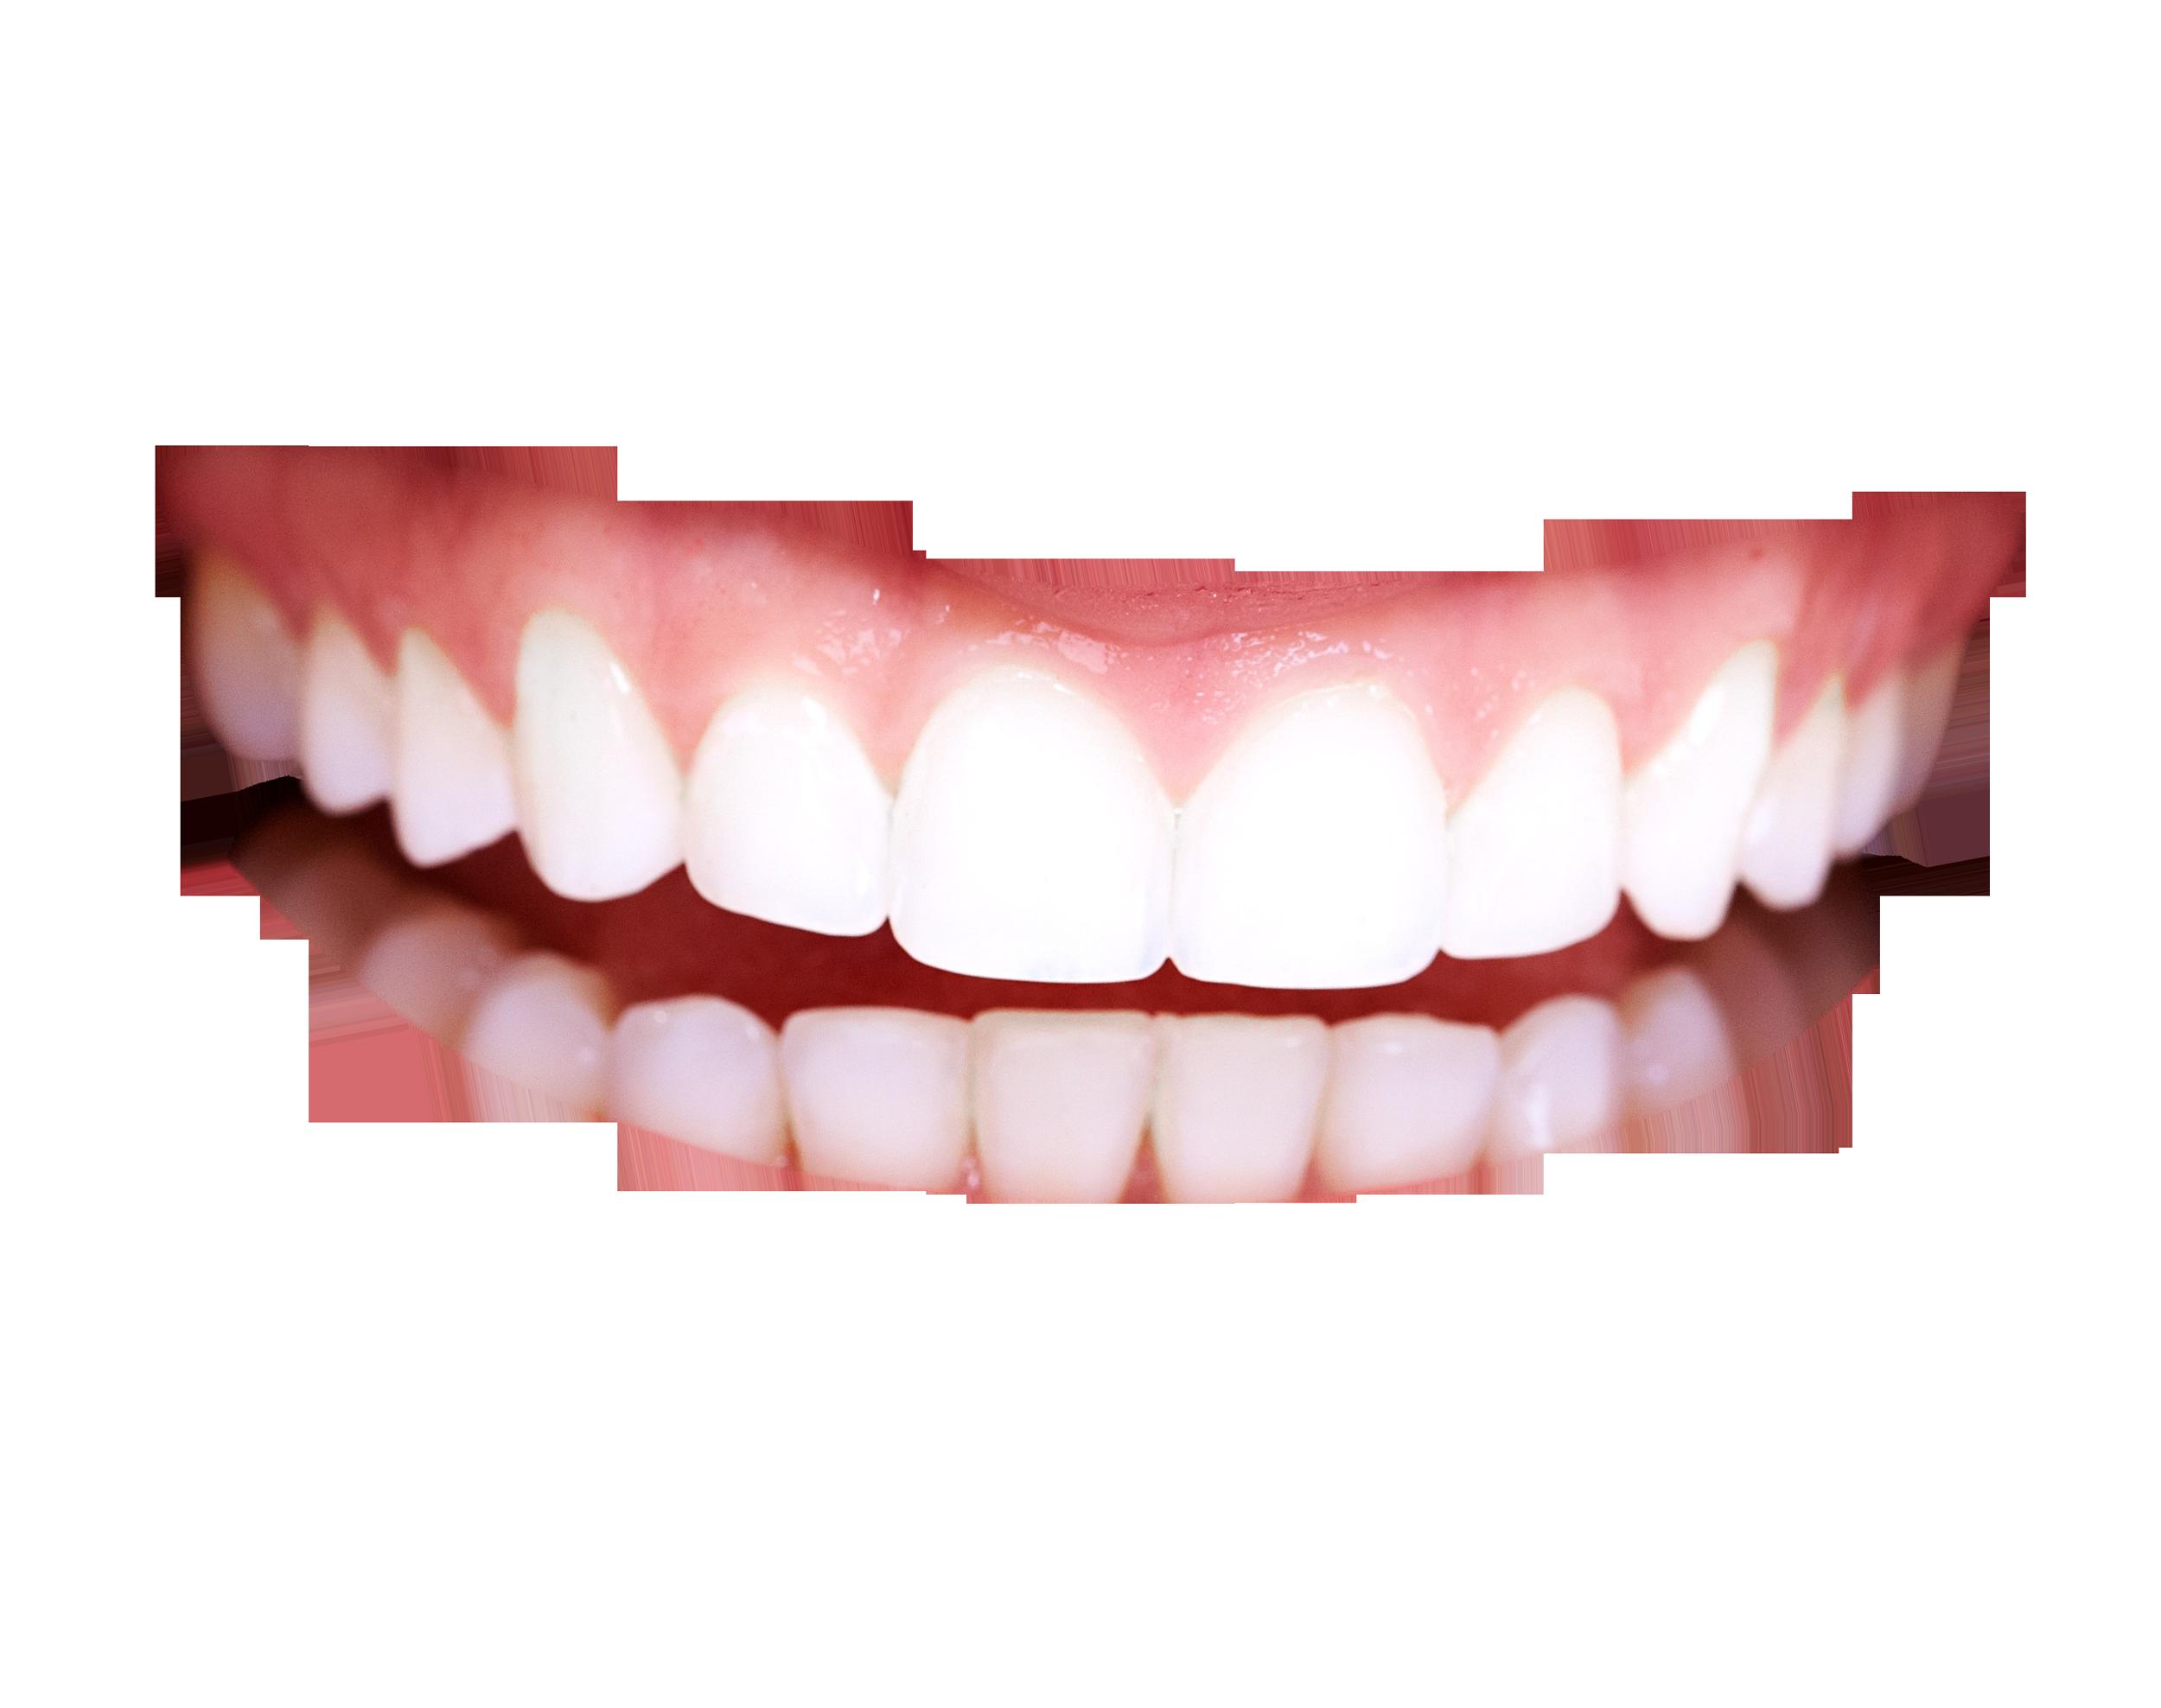 Teeth Smile PNG HD - 148056